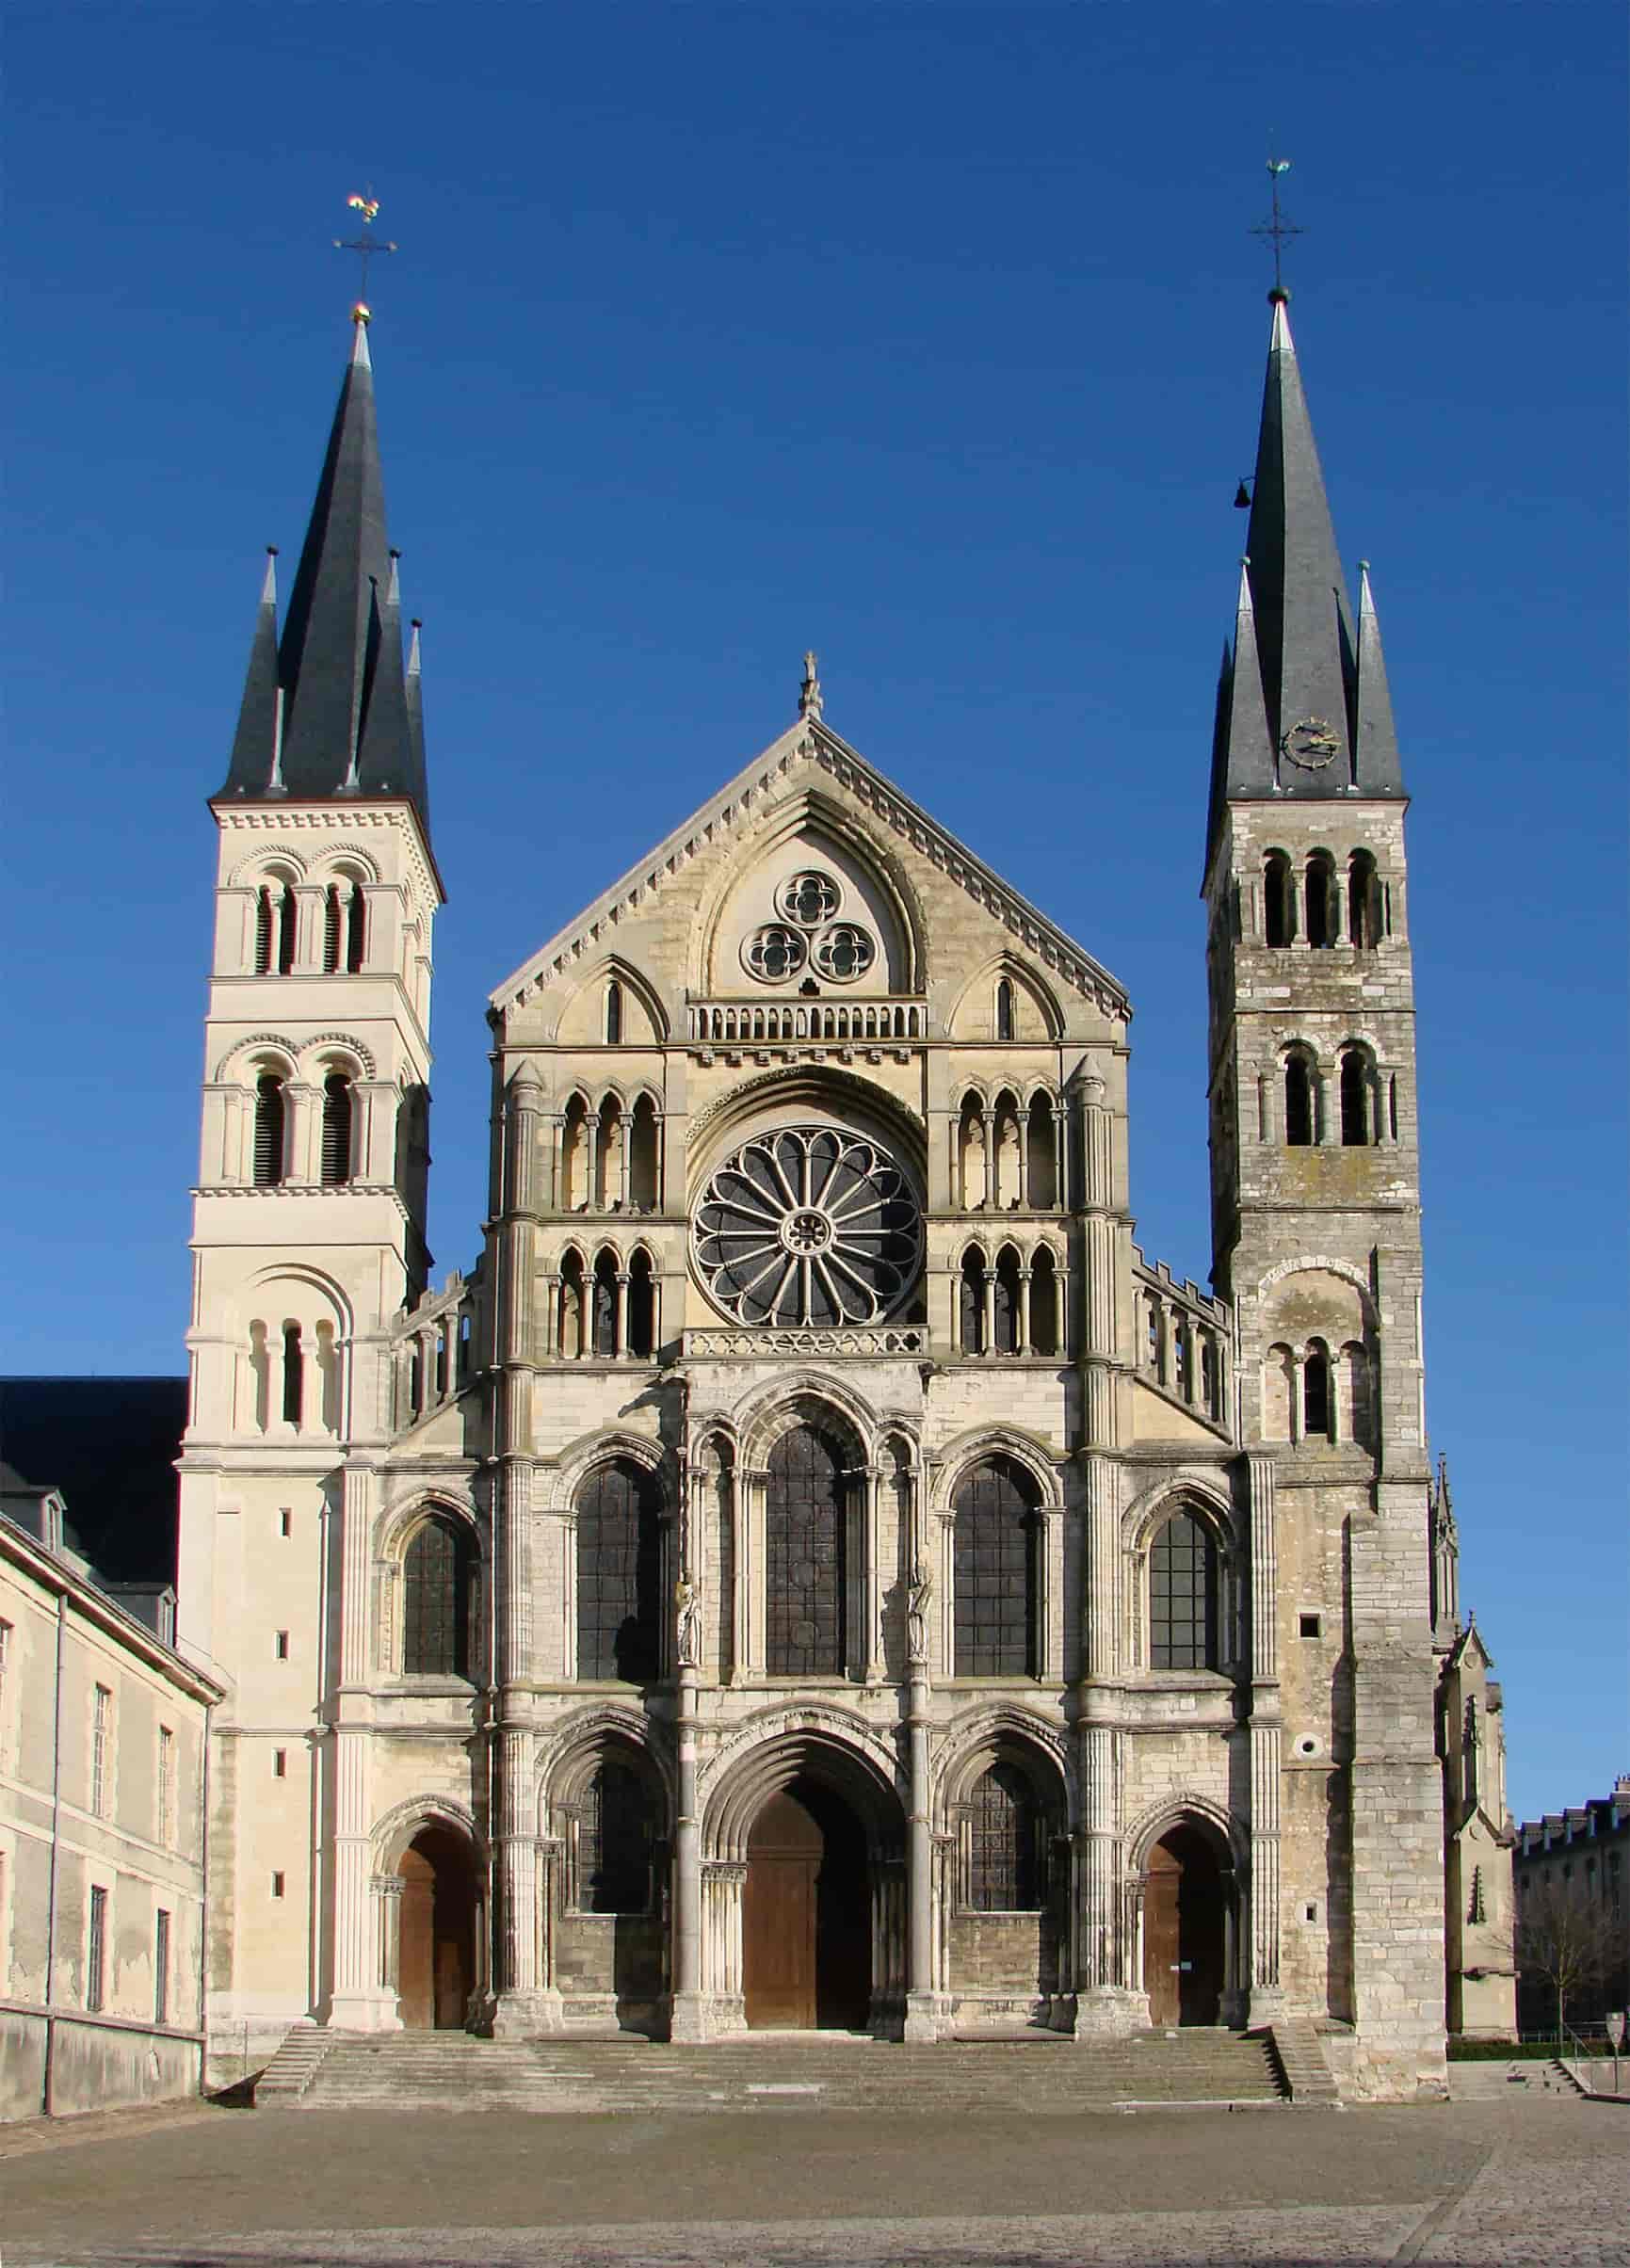 Basilique Saint-Remi de Reims du bapteme de Clovis